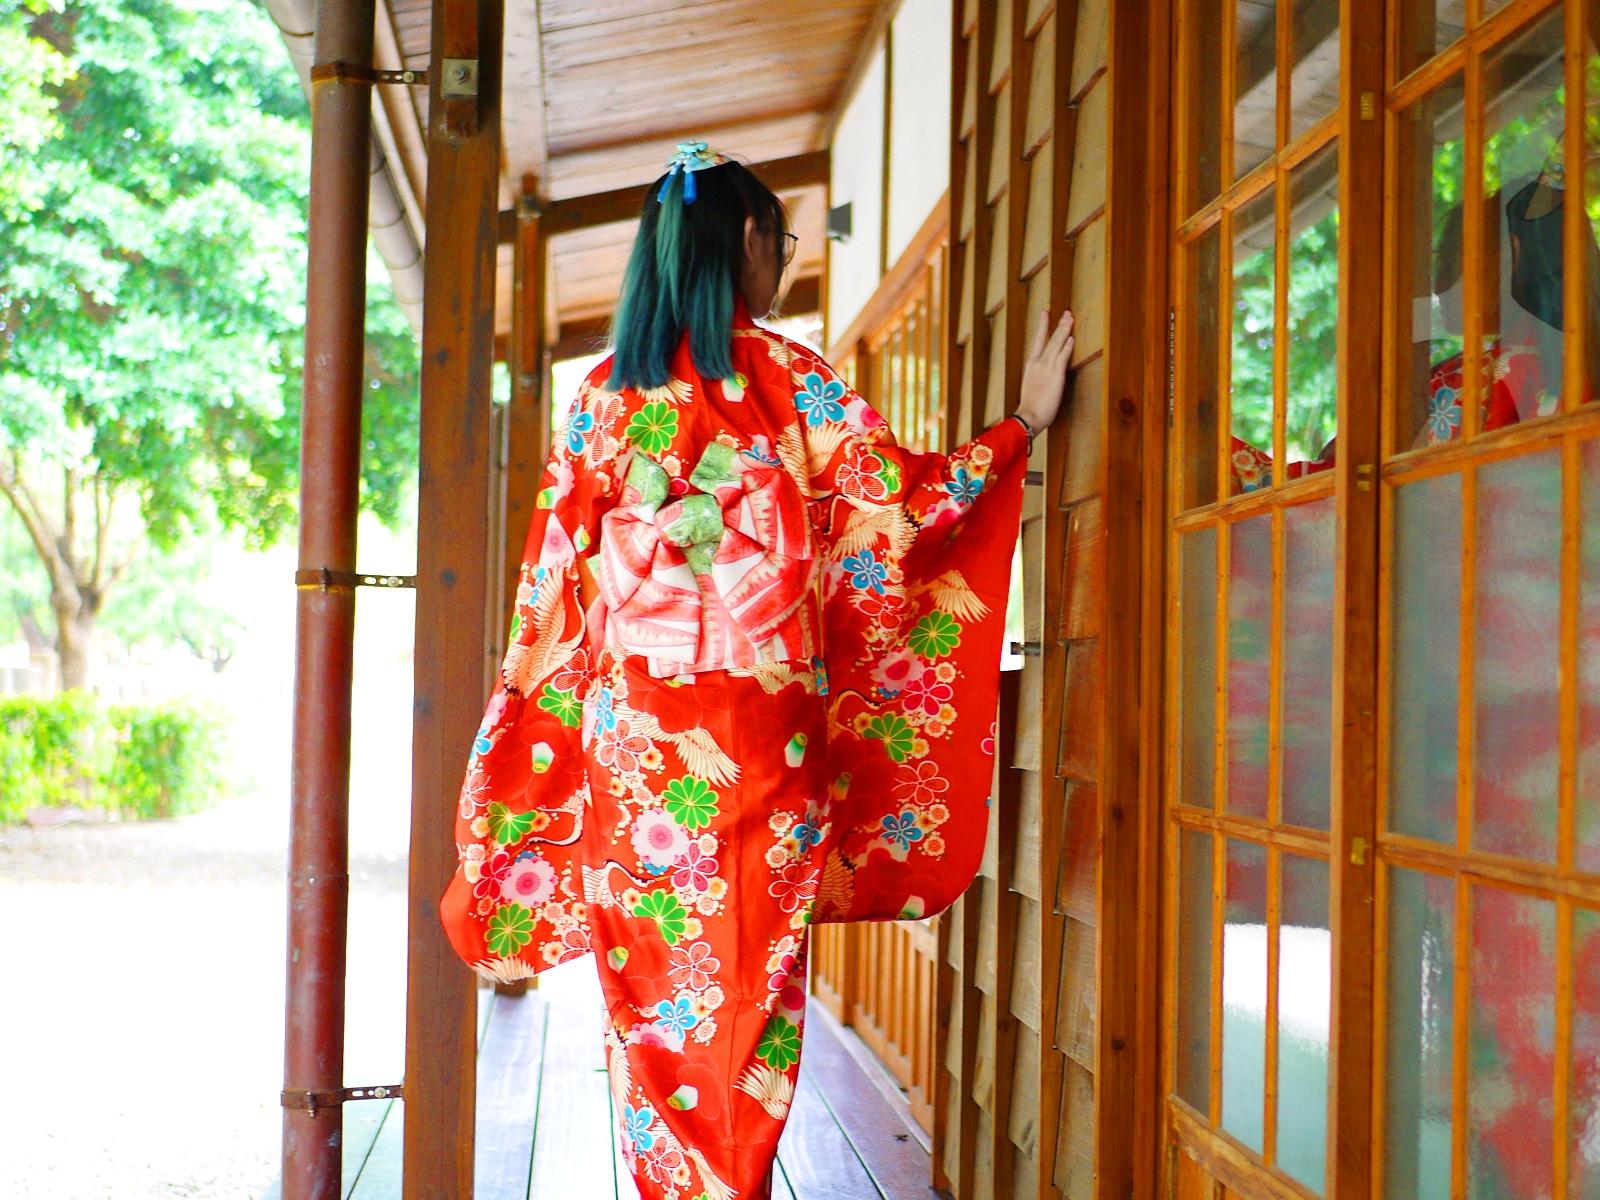 濃烈的日本風情 | 彷彿置身在日本京都的感覺 | 清水公學校日式宿舍群 | 清水 | 台中 | チンシュイ | タイジョン | RoundtripJp